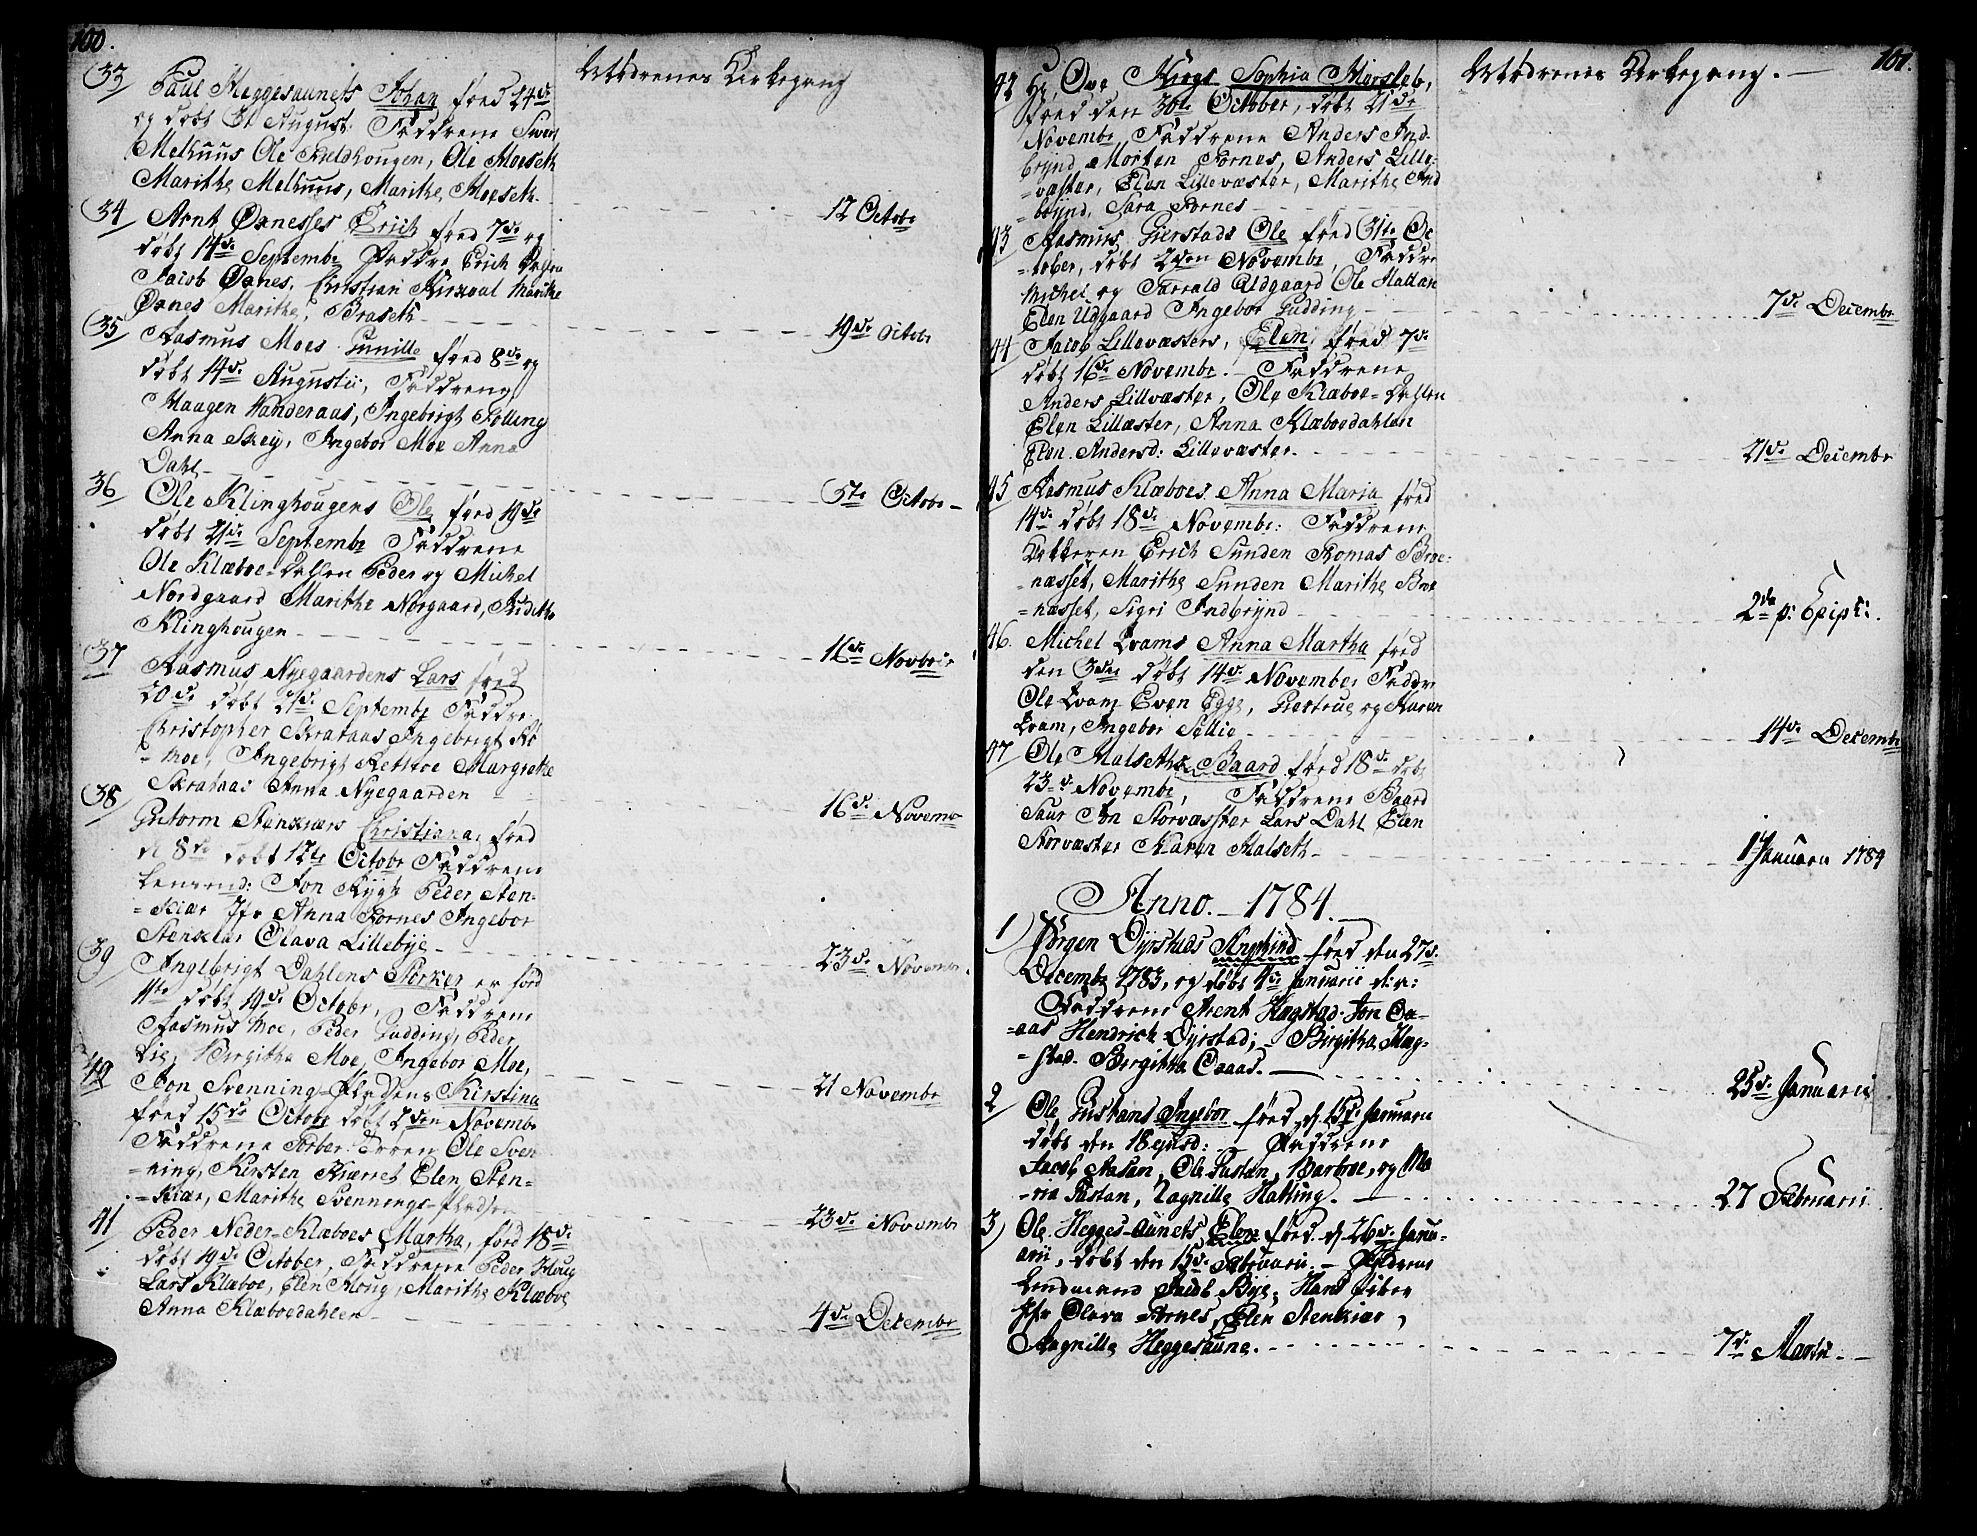 SAT, Ministerialprotokoller, klokkerbøker og fødselsregistre - Nord-Trøndelag, 746/L0440: Ministerialbok nr. 746A02, 1760-1815, s. 100-101